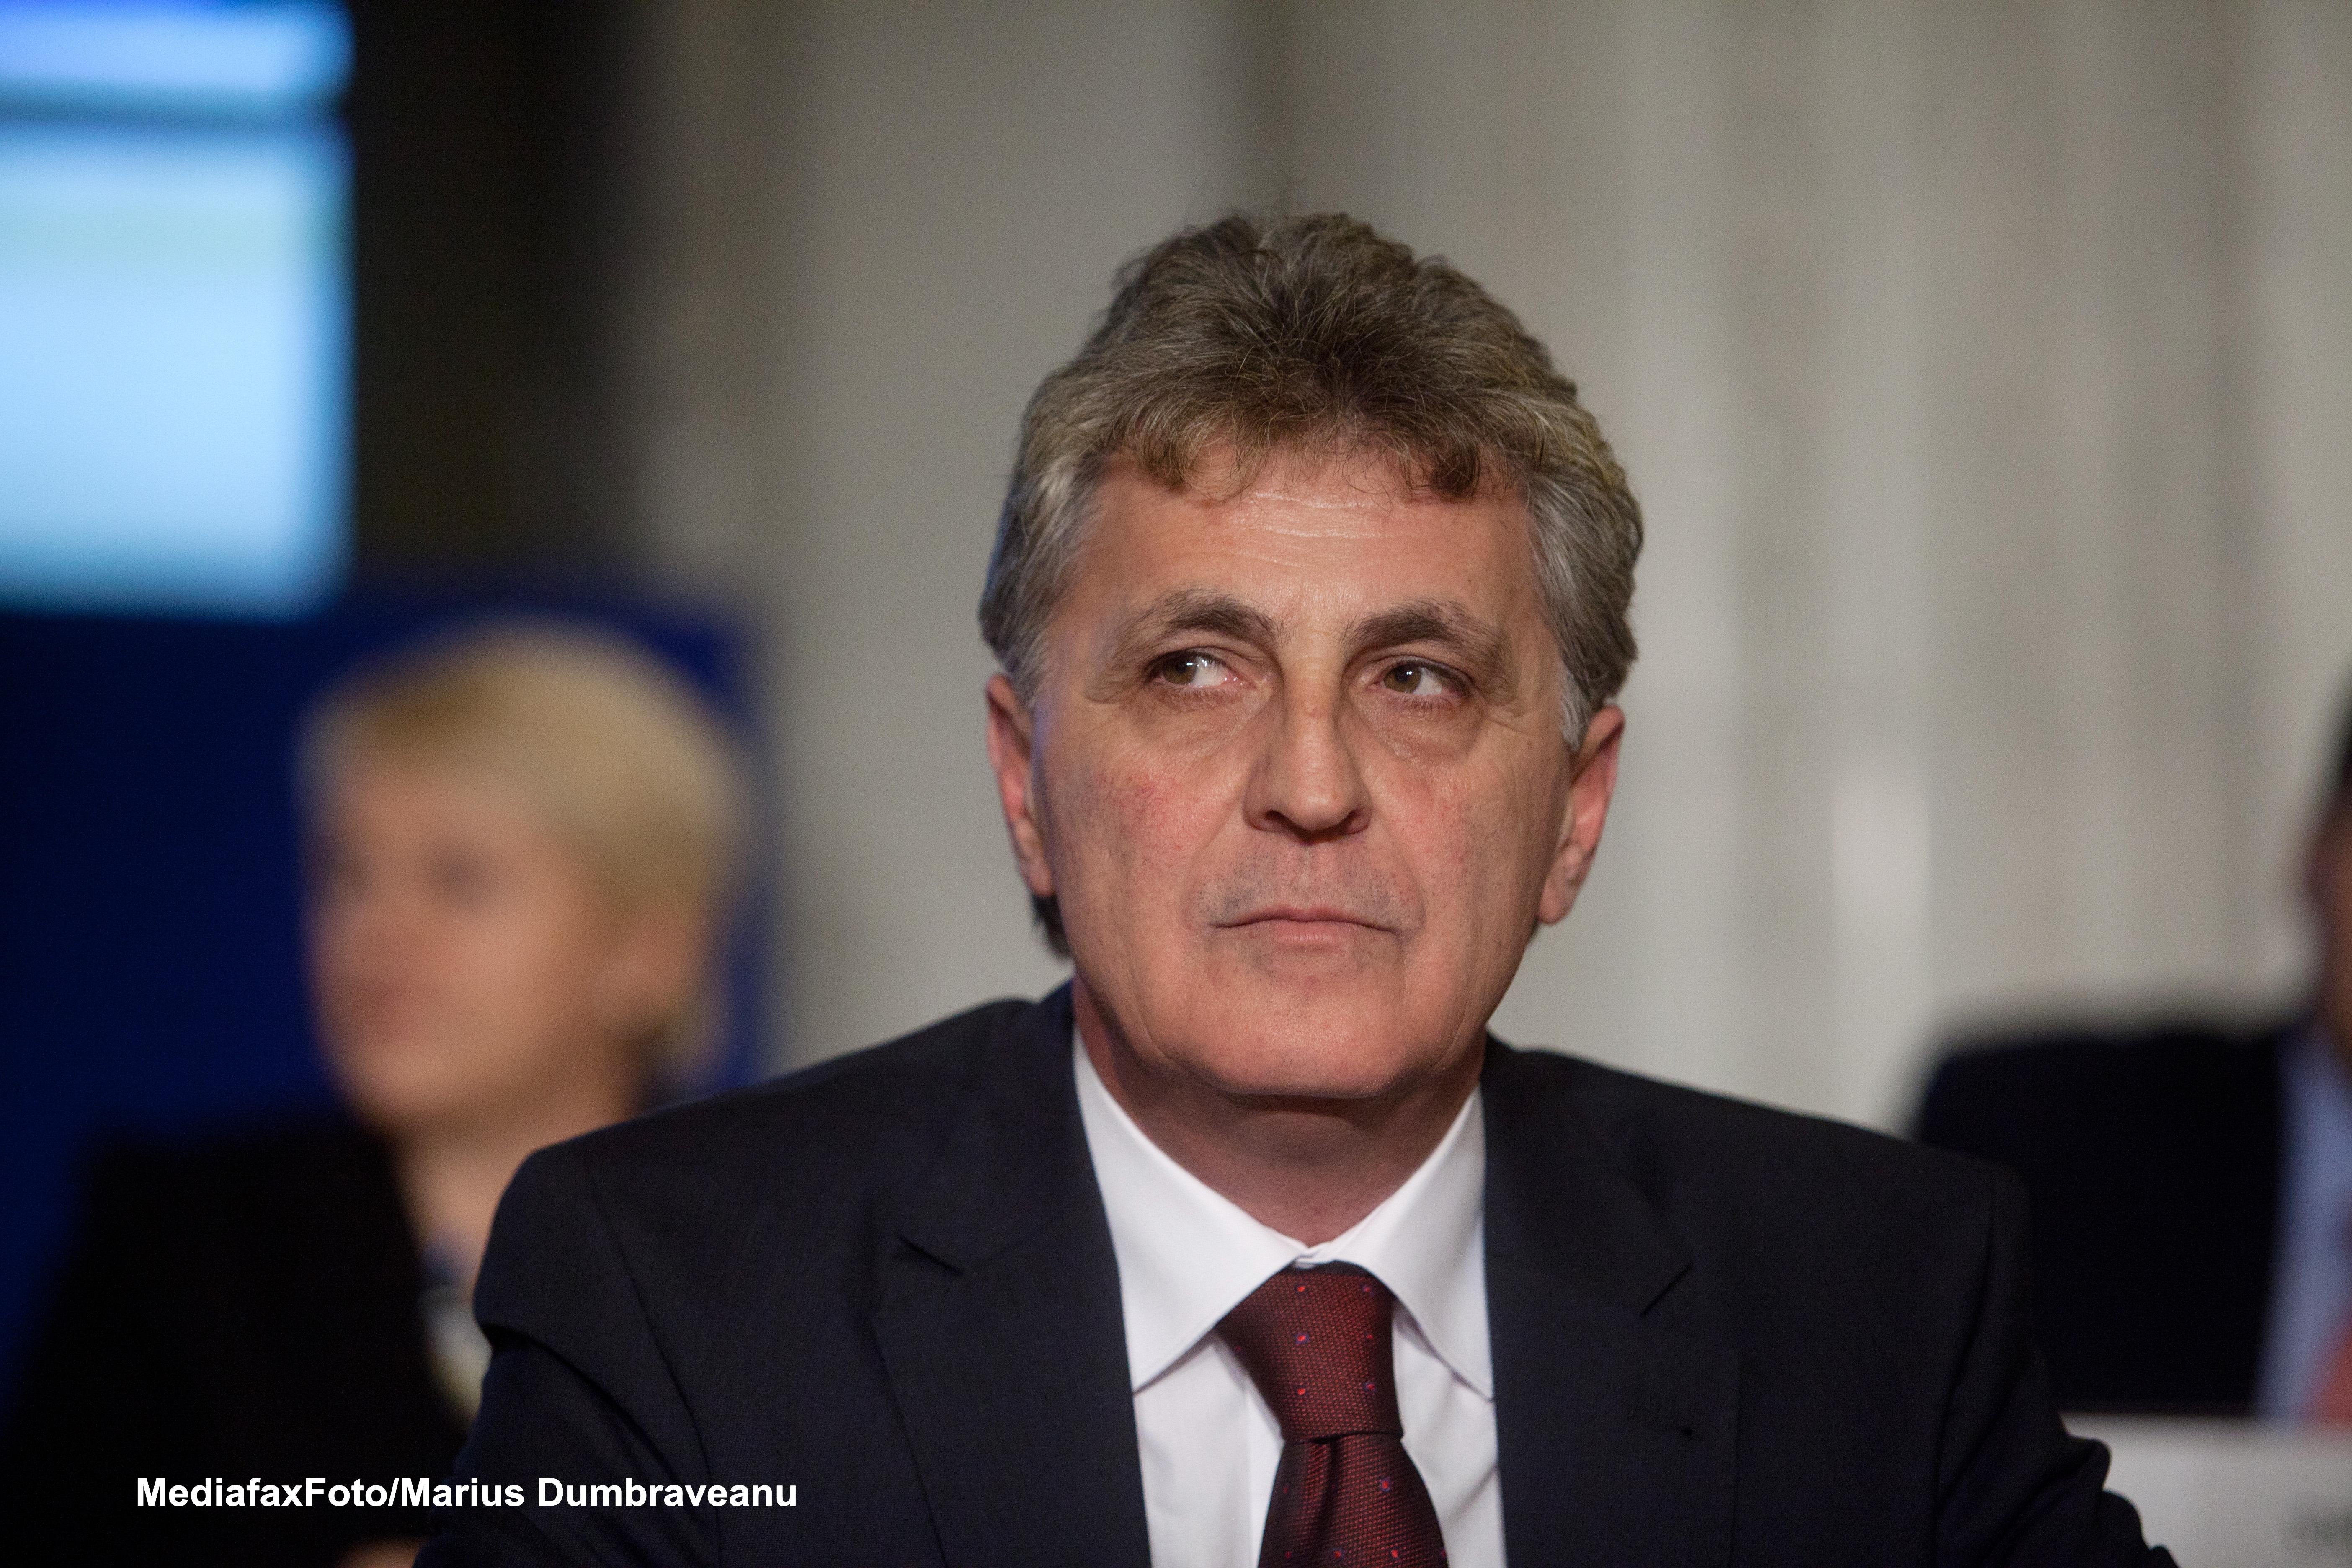 Ministrul Mircea Dusa: Declaratiile extremiste ale liderului Jobbik trebuie respinse cu fermitate